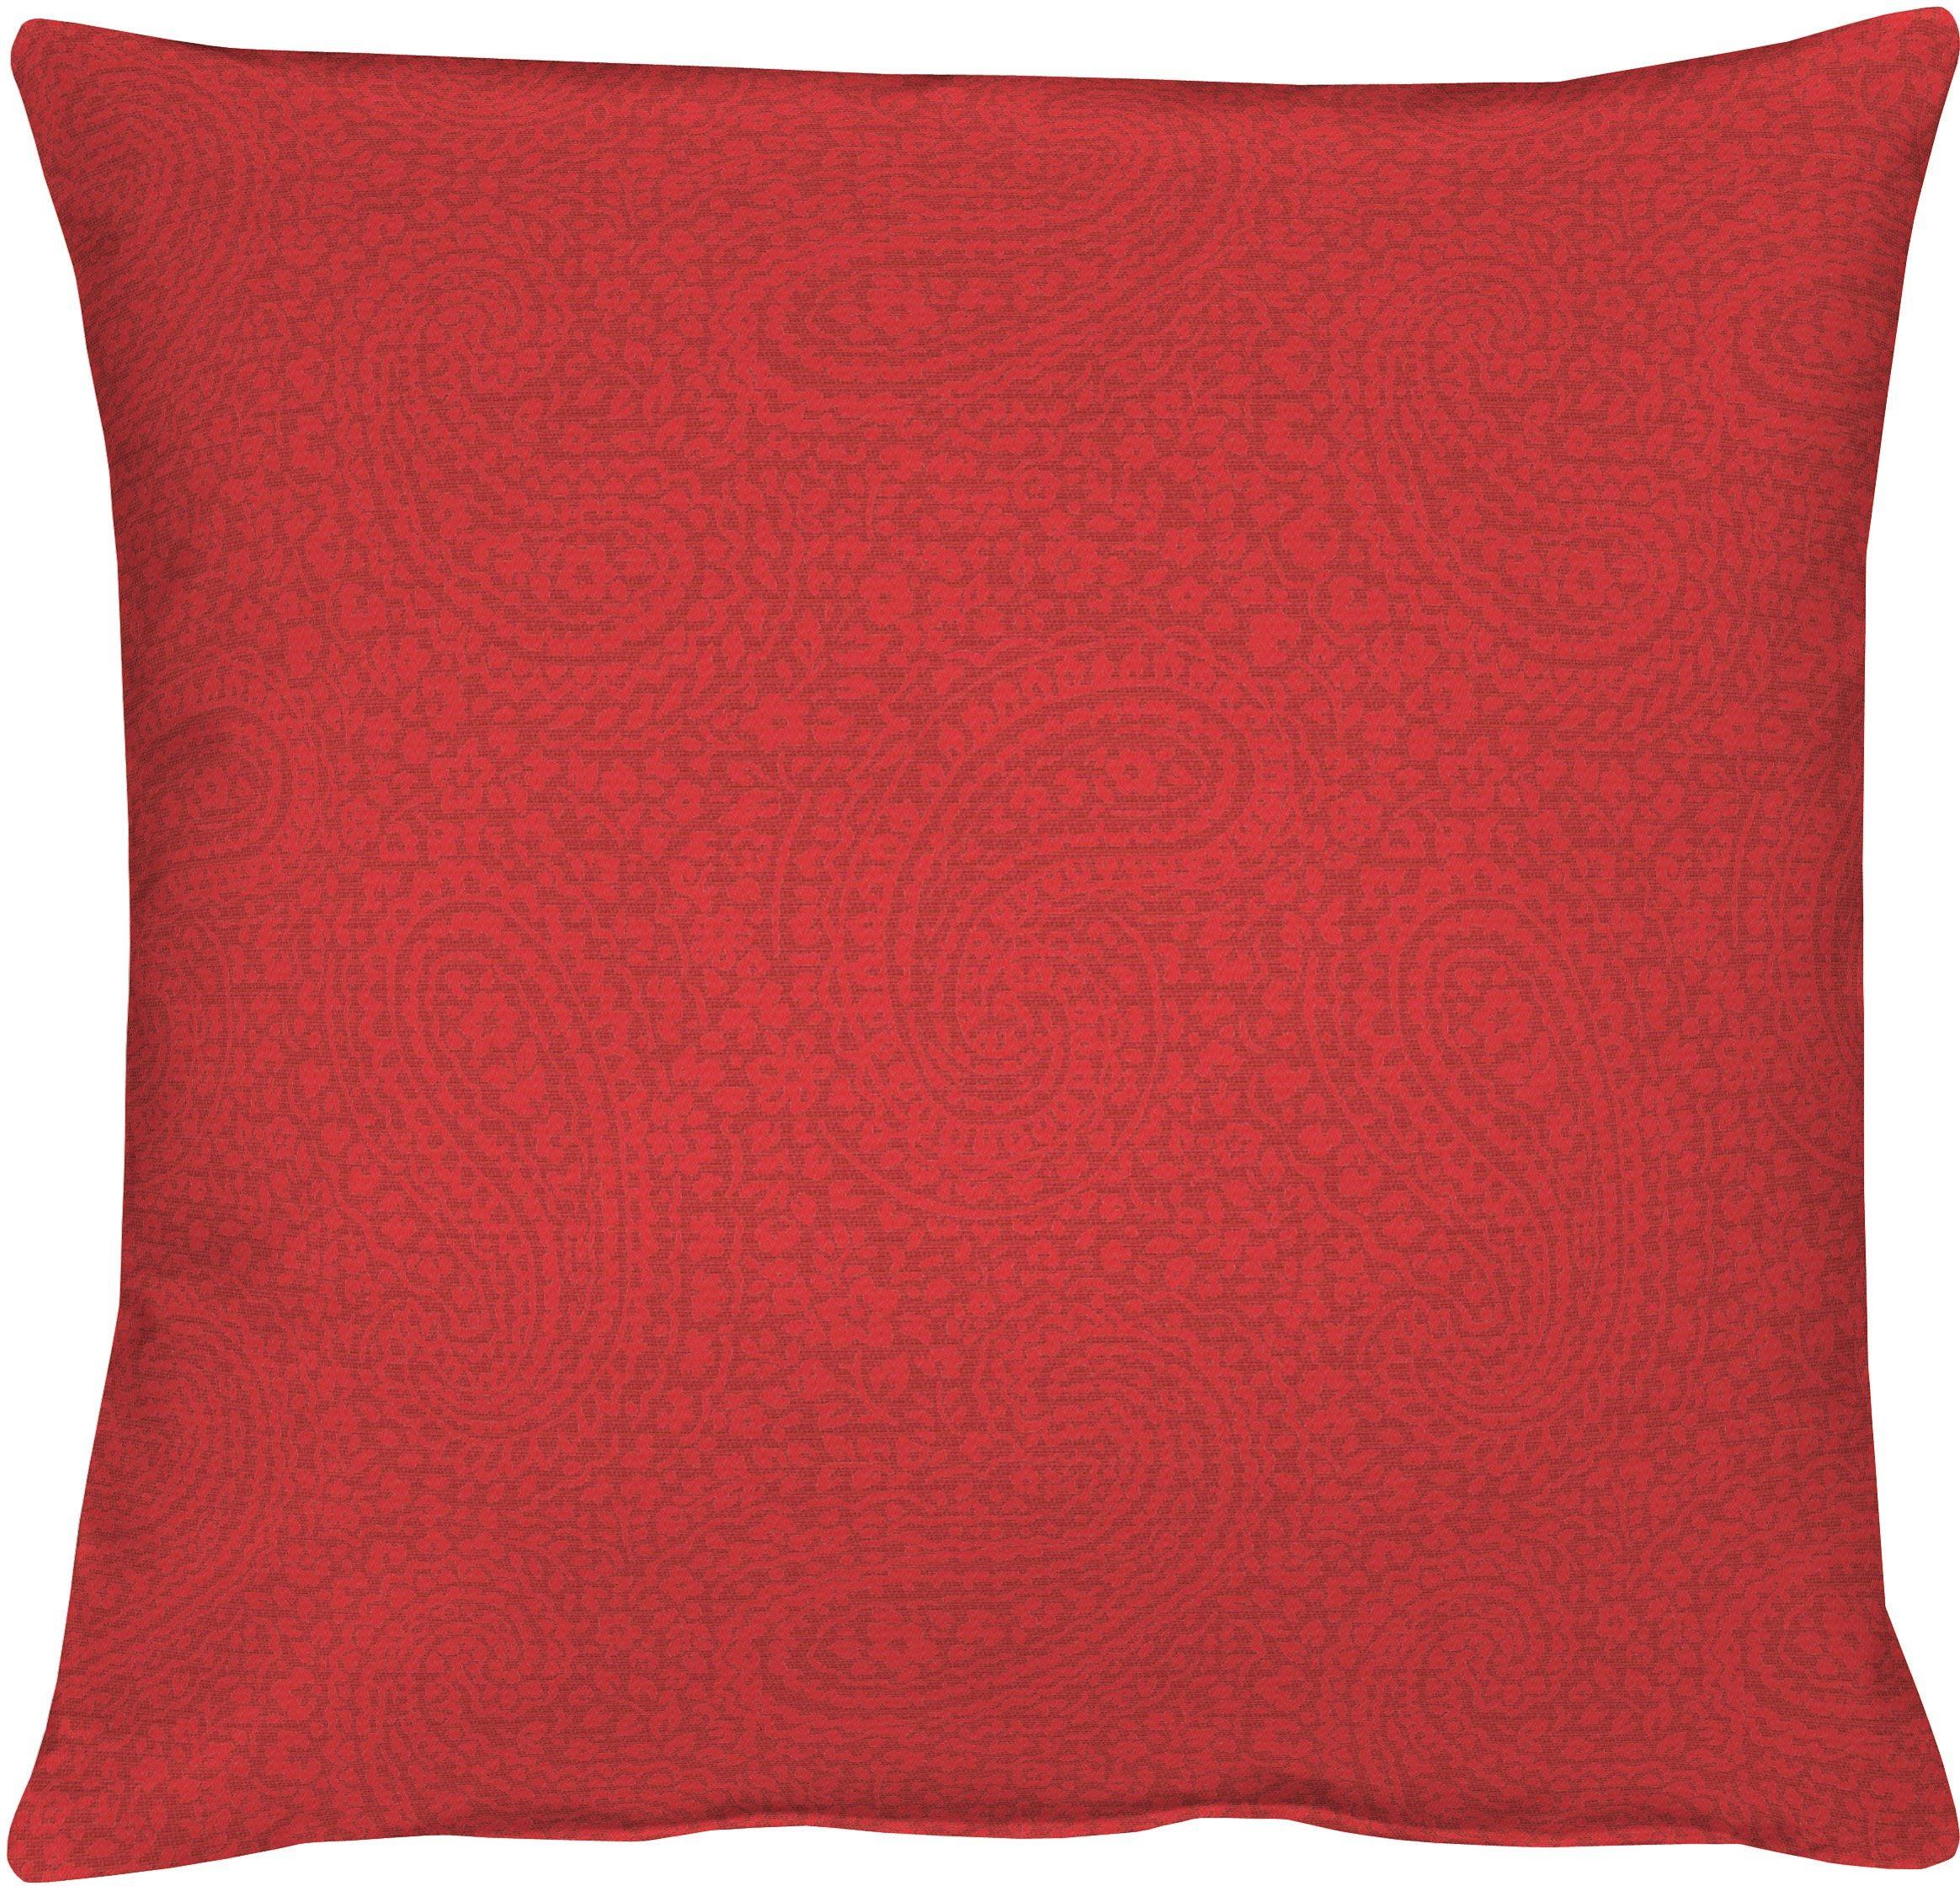 stuhlkissen 40x40 rot preisvergleich die besten angebote online kaufen. Black Bedroom Furniture Sets. Home Design Ideas